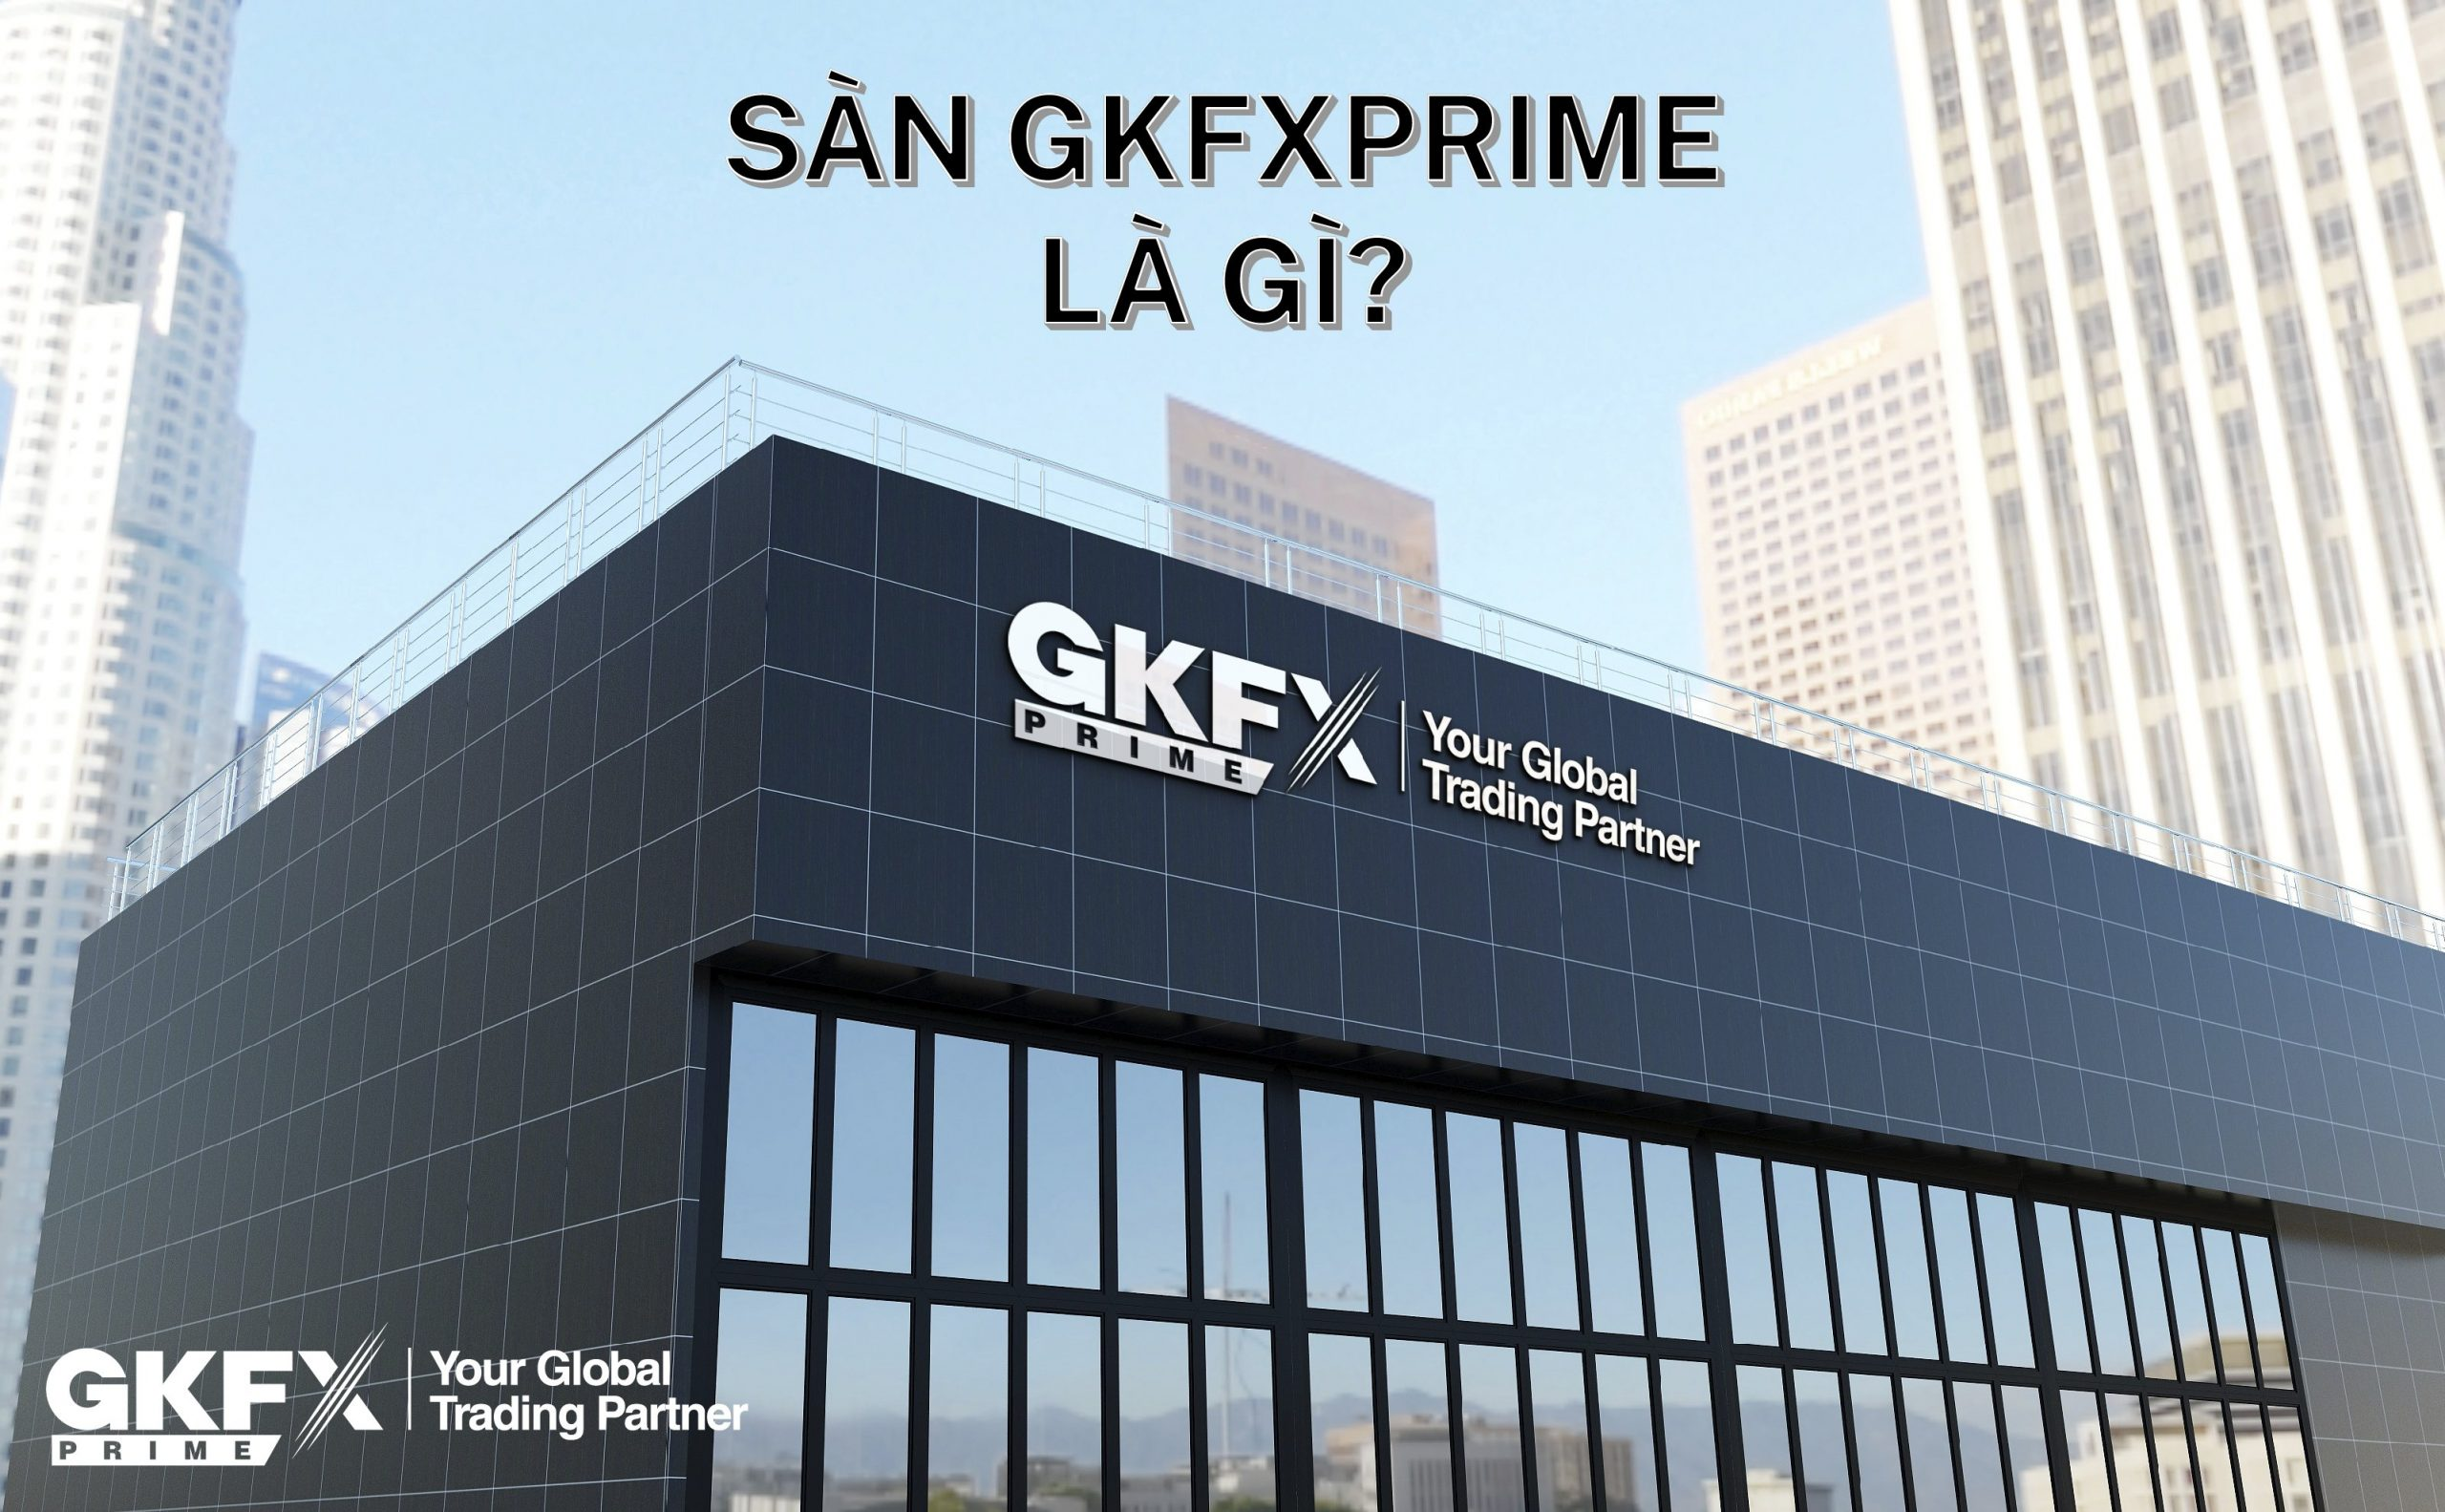 Sự Thật Về Vấn Đề Nạp Rút Tại Sàn GKFXPrime - Vtradetop.com